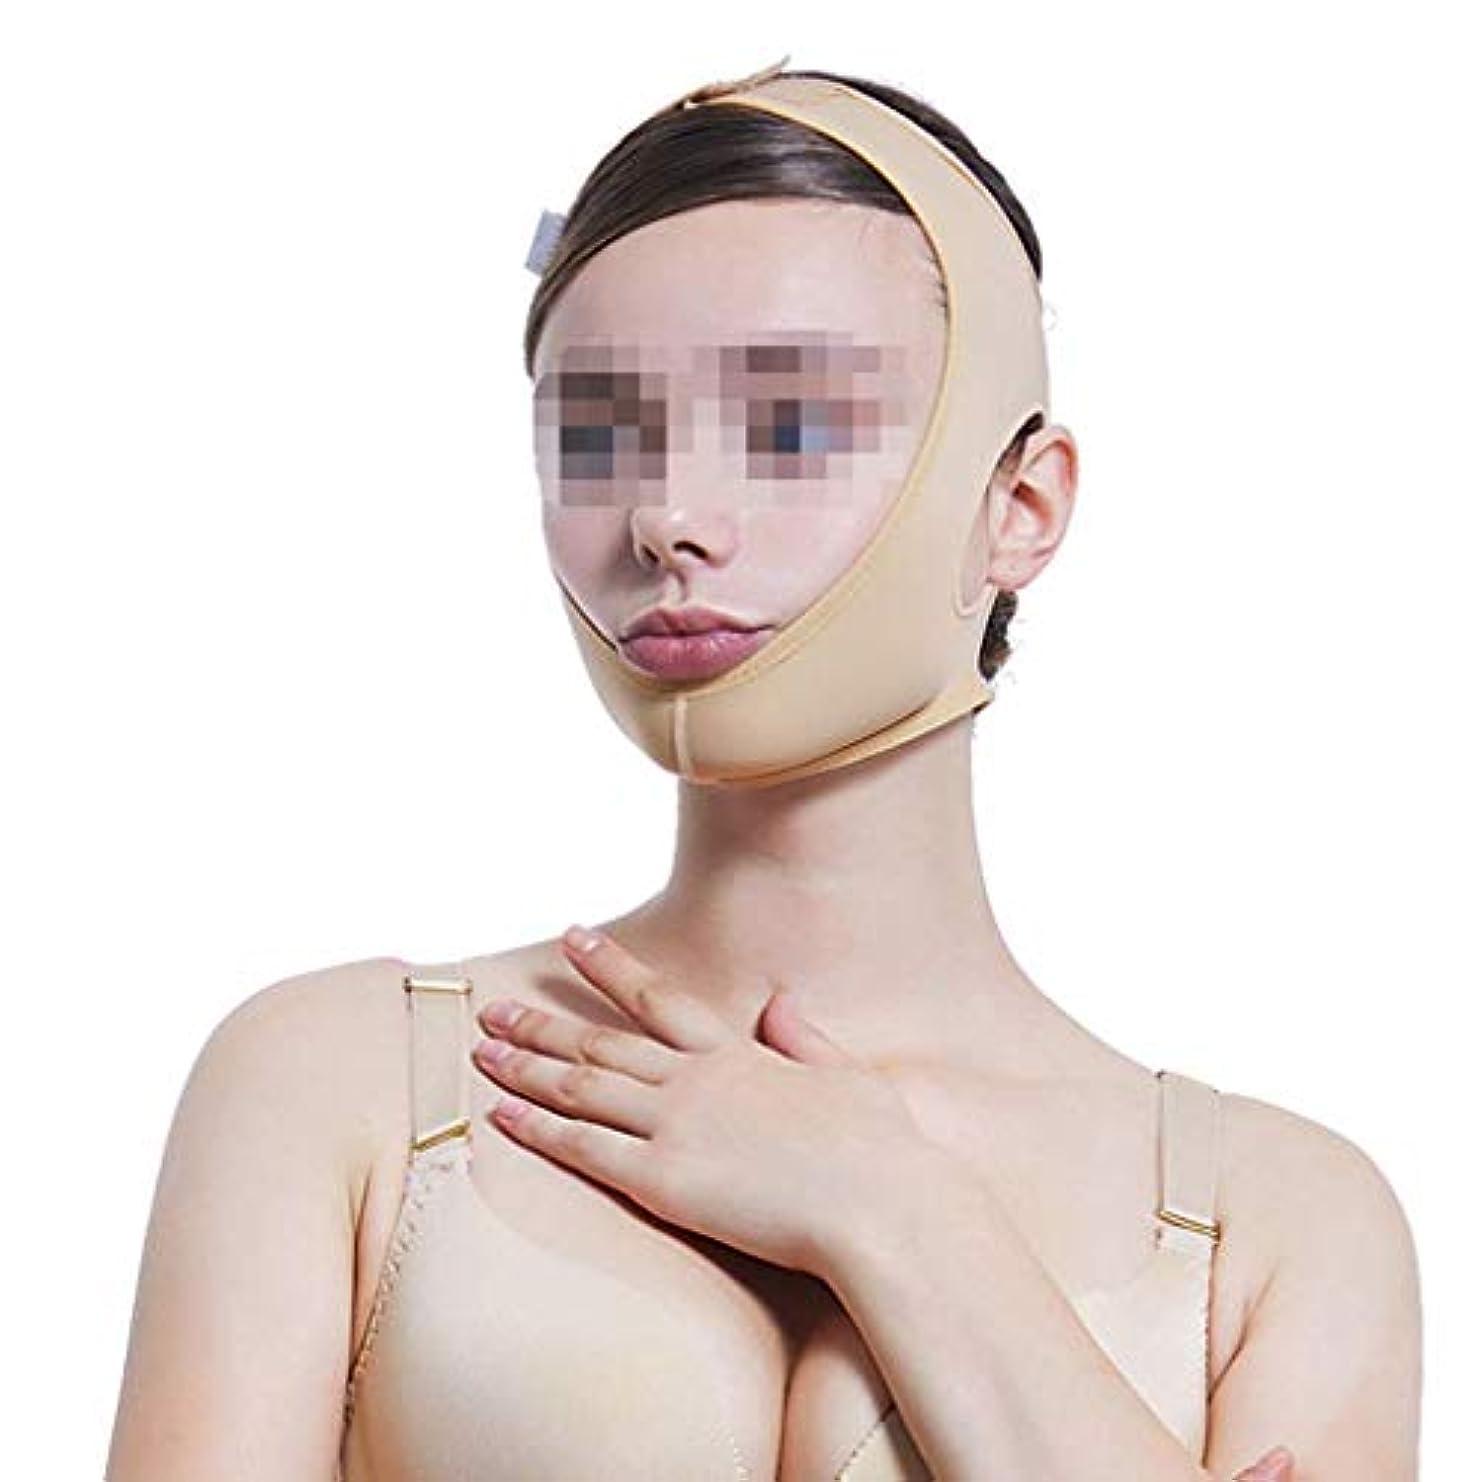 ぼろ階段もつれビームフェイス弾性ヘッドギア、ダブルあごのあごのセットをマスクの後に線彫り薄いフェイス包帯マルチサイズオプション(サイズ:XS),XL